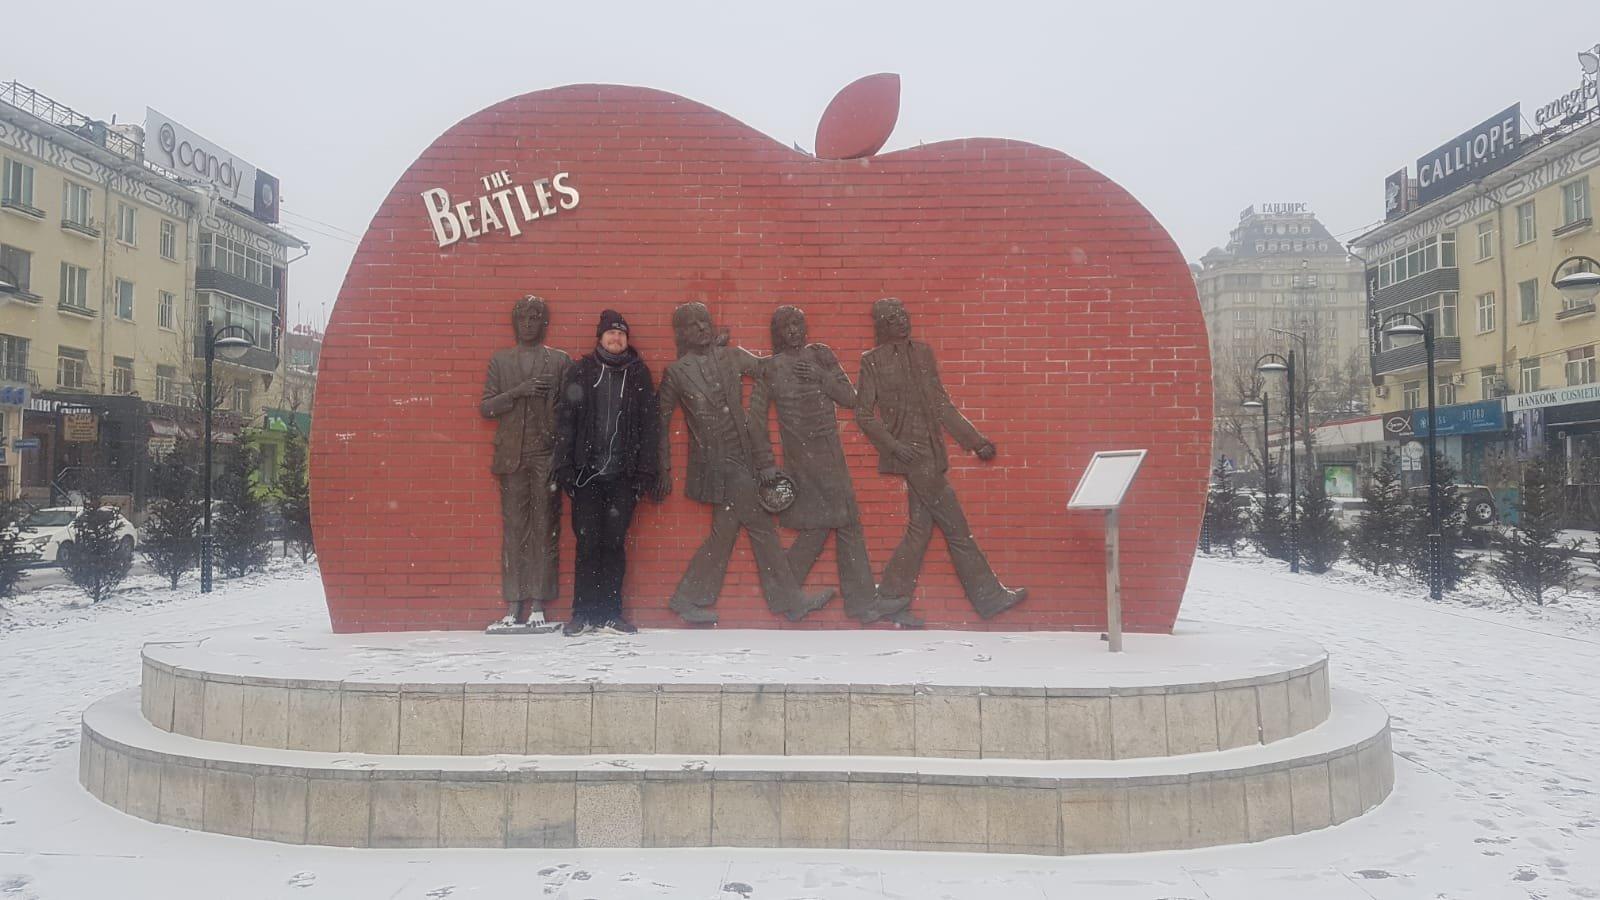 UB Beatles